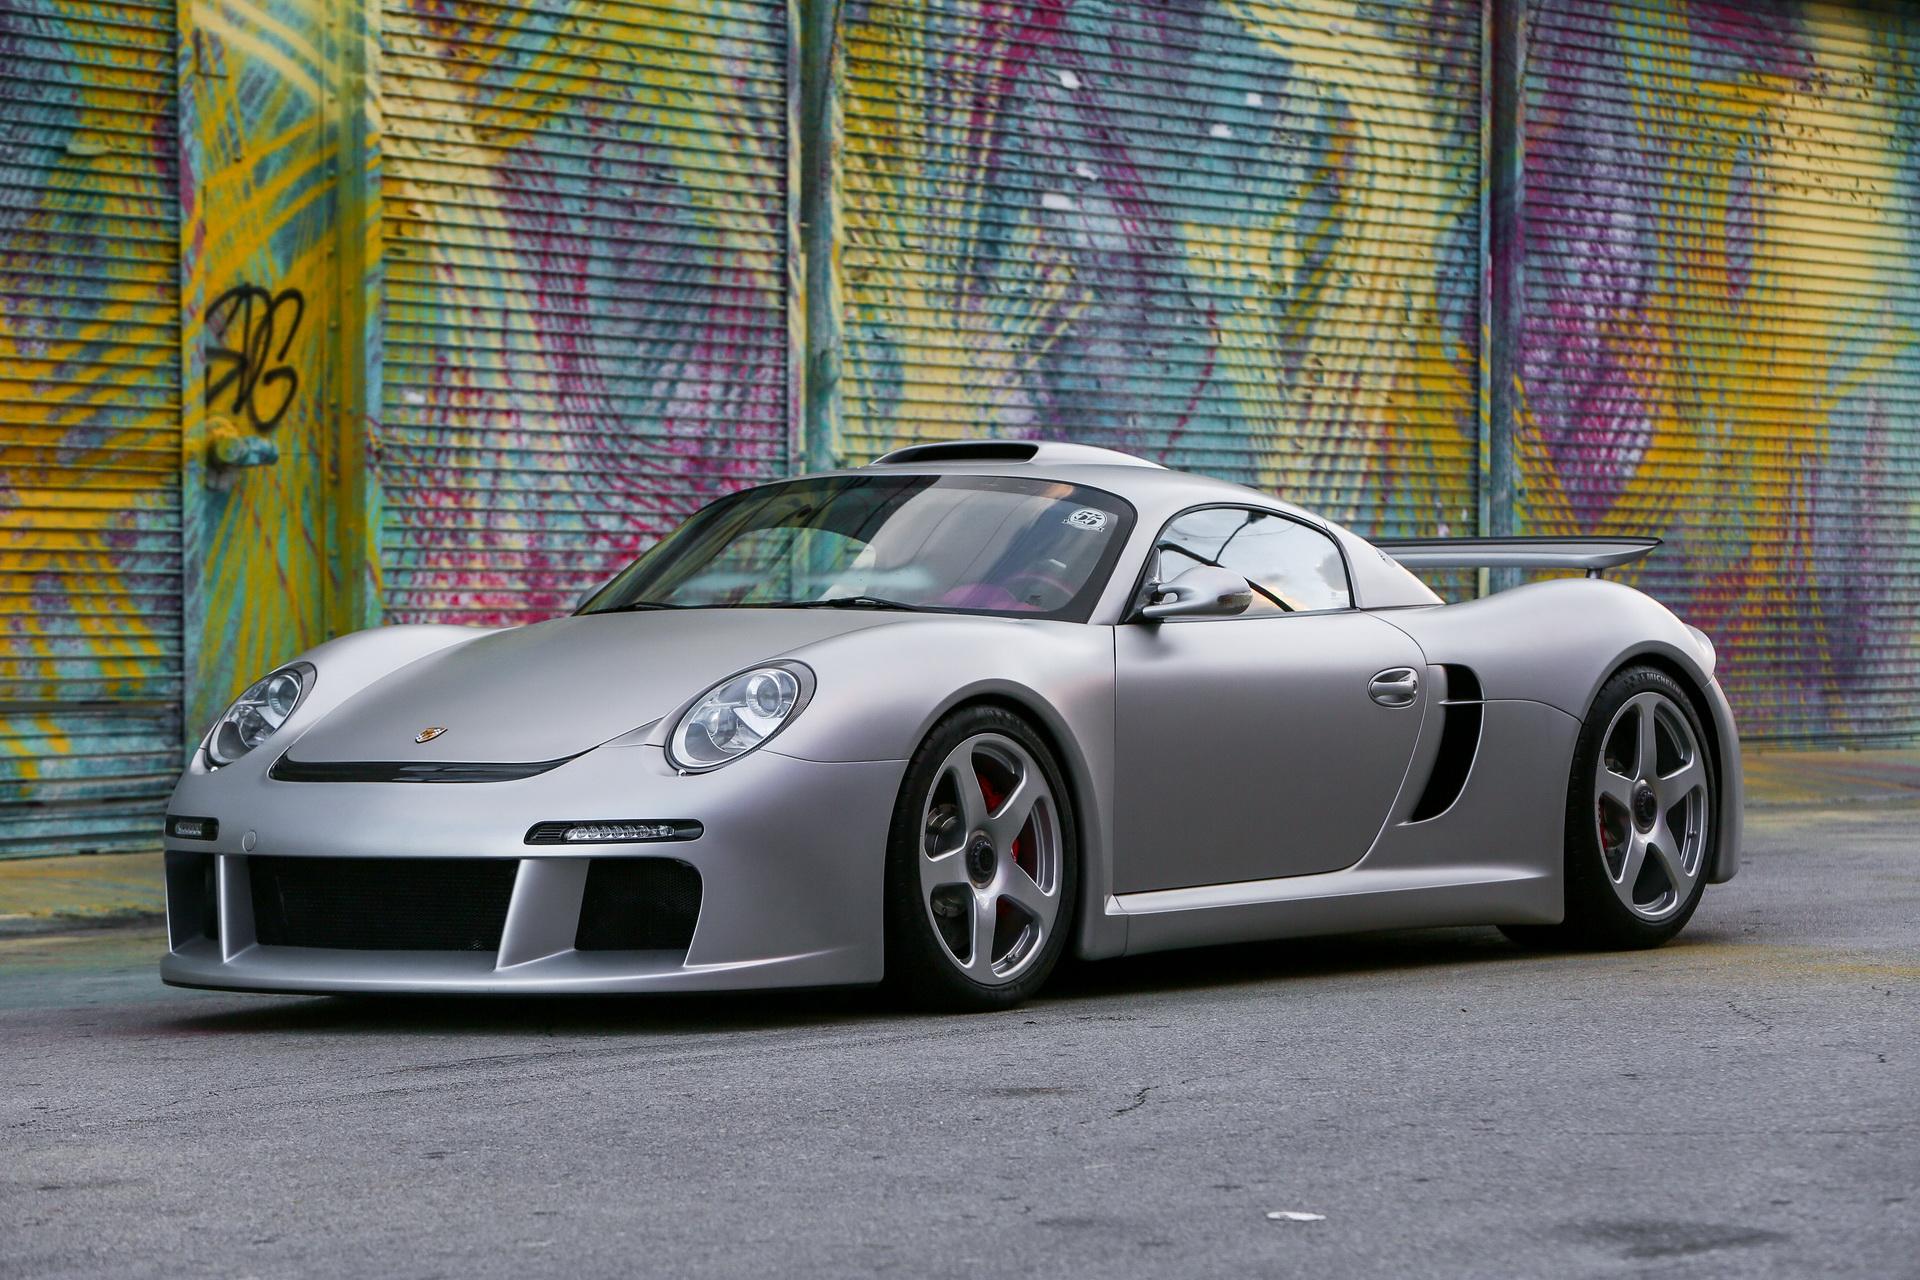 В 2007 году тюнинг-ателье RUF наделало немало шуму, выпустив экстремальный спорткар CTR3 на базе Porsche Cayman. «Малютке» досталась сногсшибательная внешность и 700 л.с. под капотом, благодаря чему она оставляла позади многие современные ей суперкары.